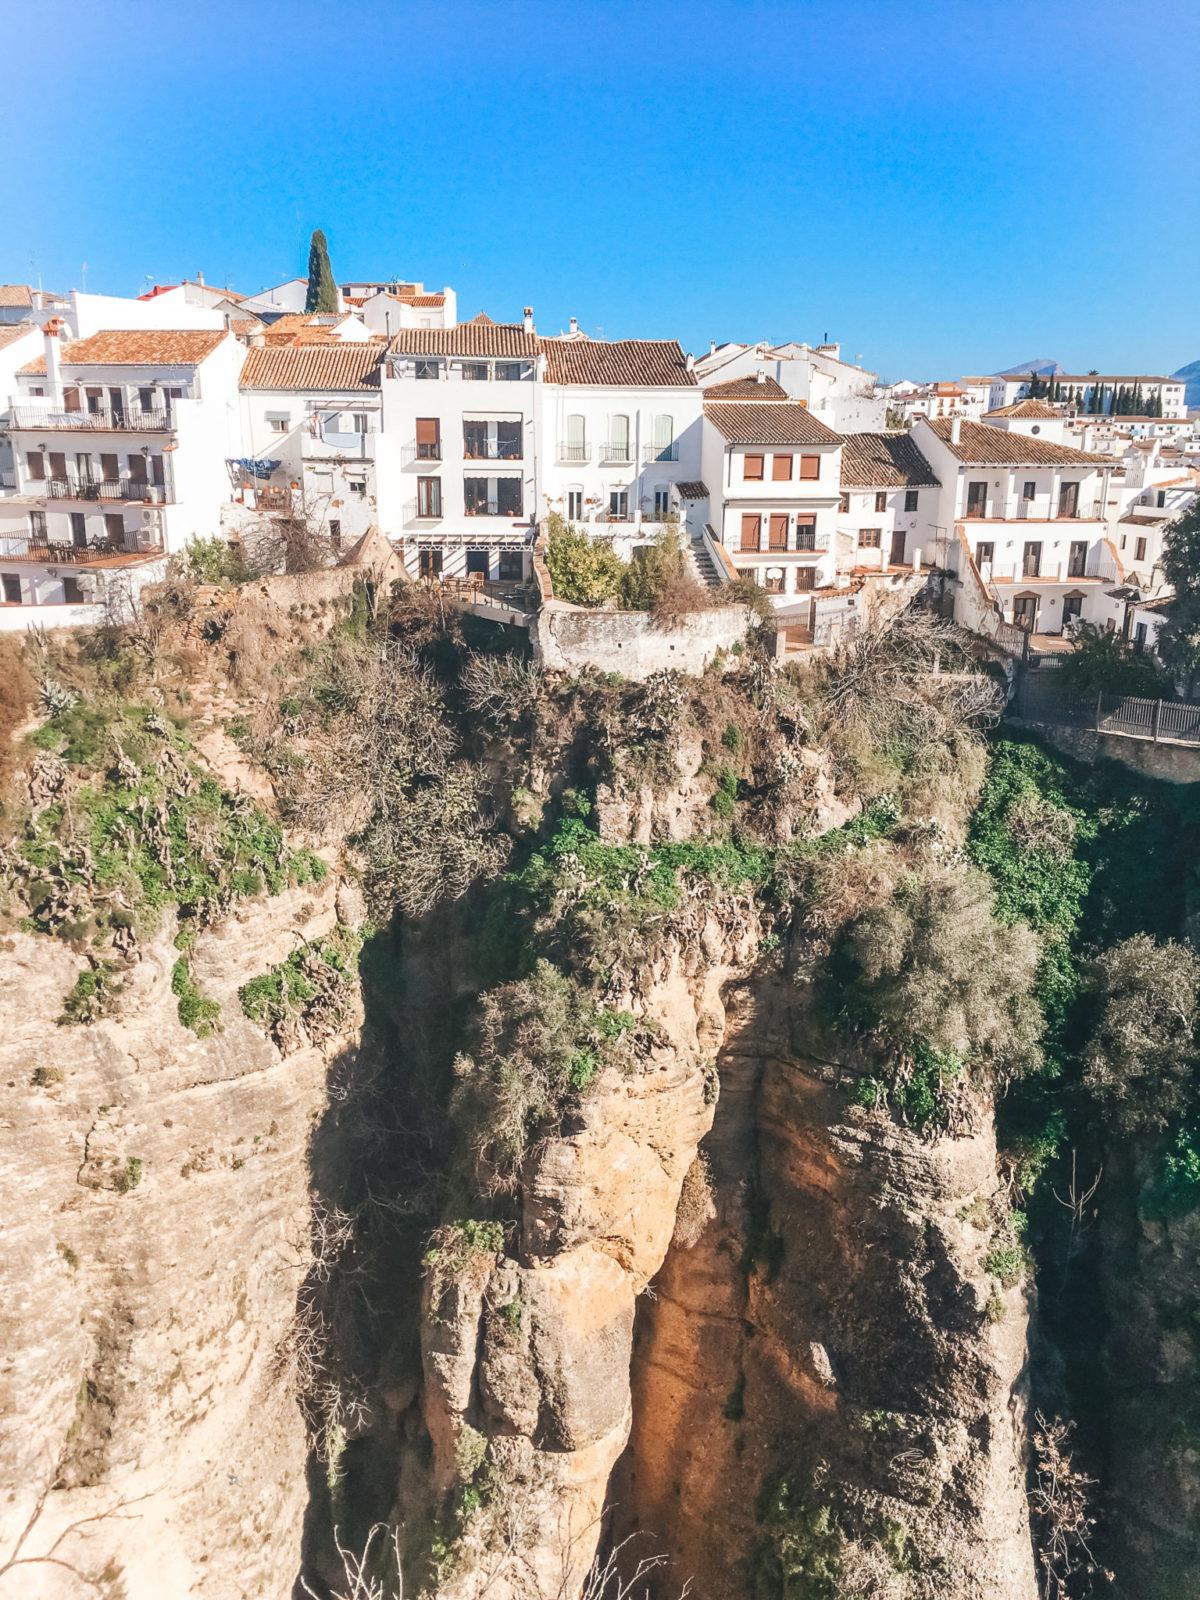 Ронда - Что посмотреть в испанской Андалусии?